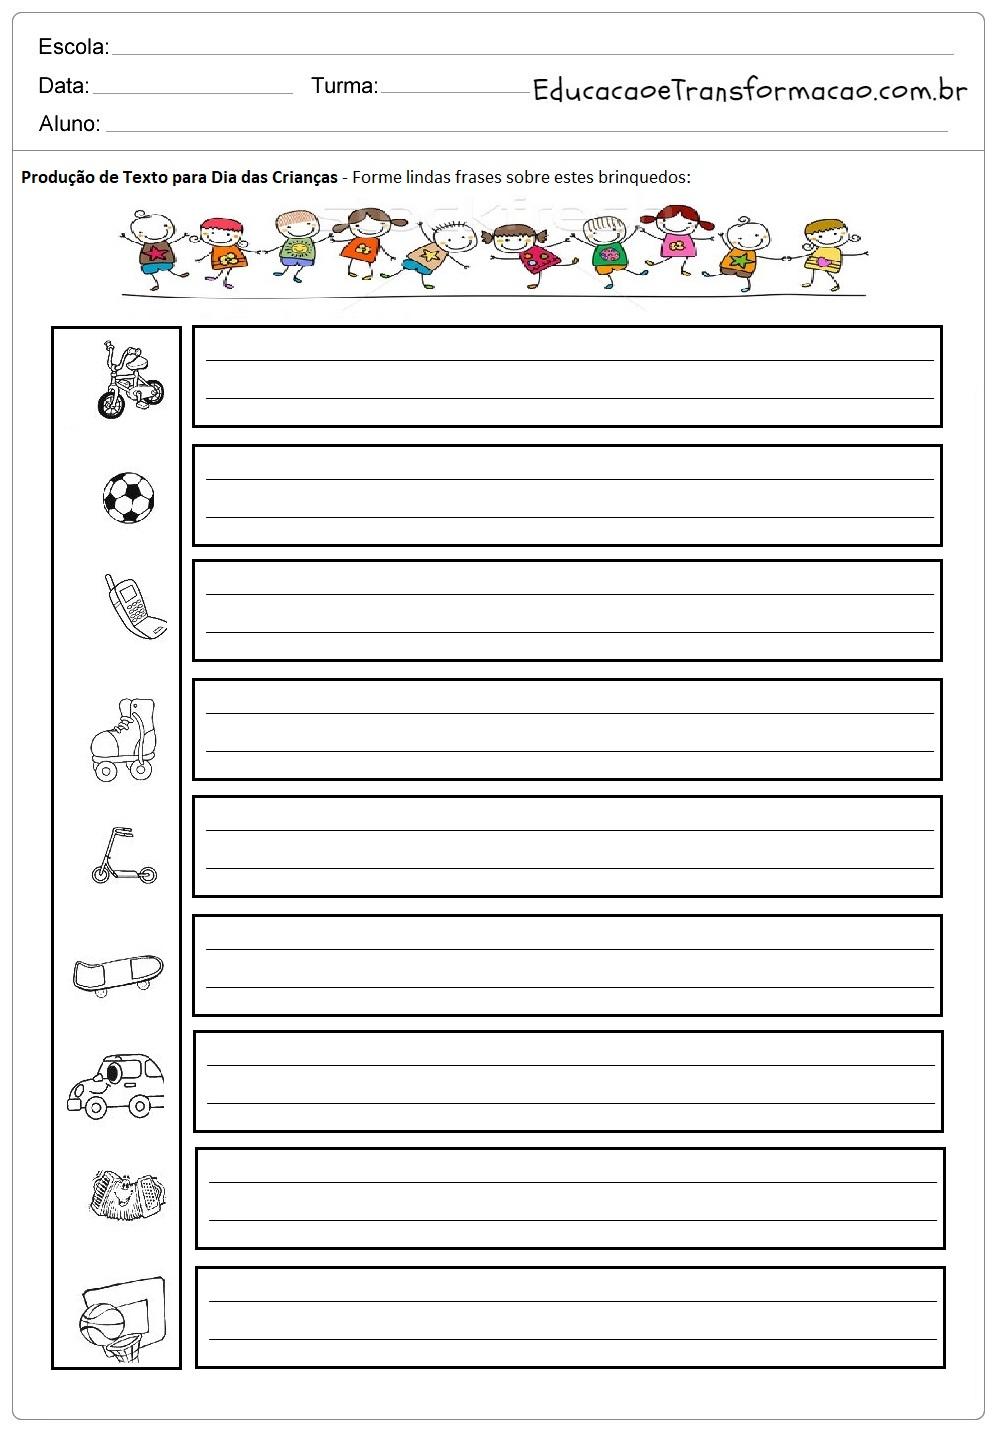 Atividades De Produção De Texto Dia Das Crianças Para Imprimir